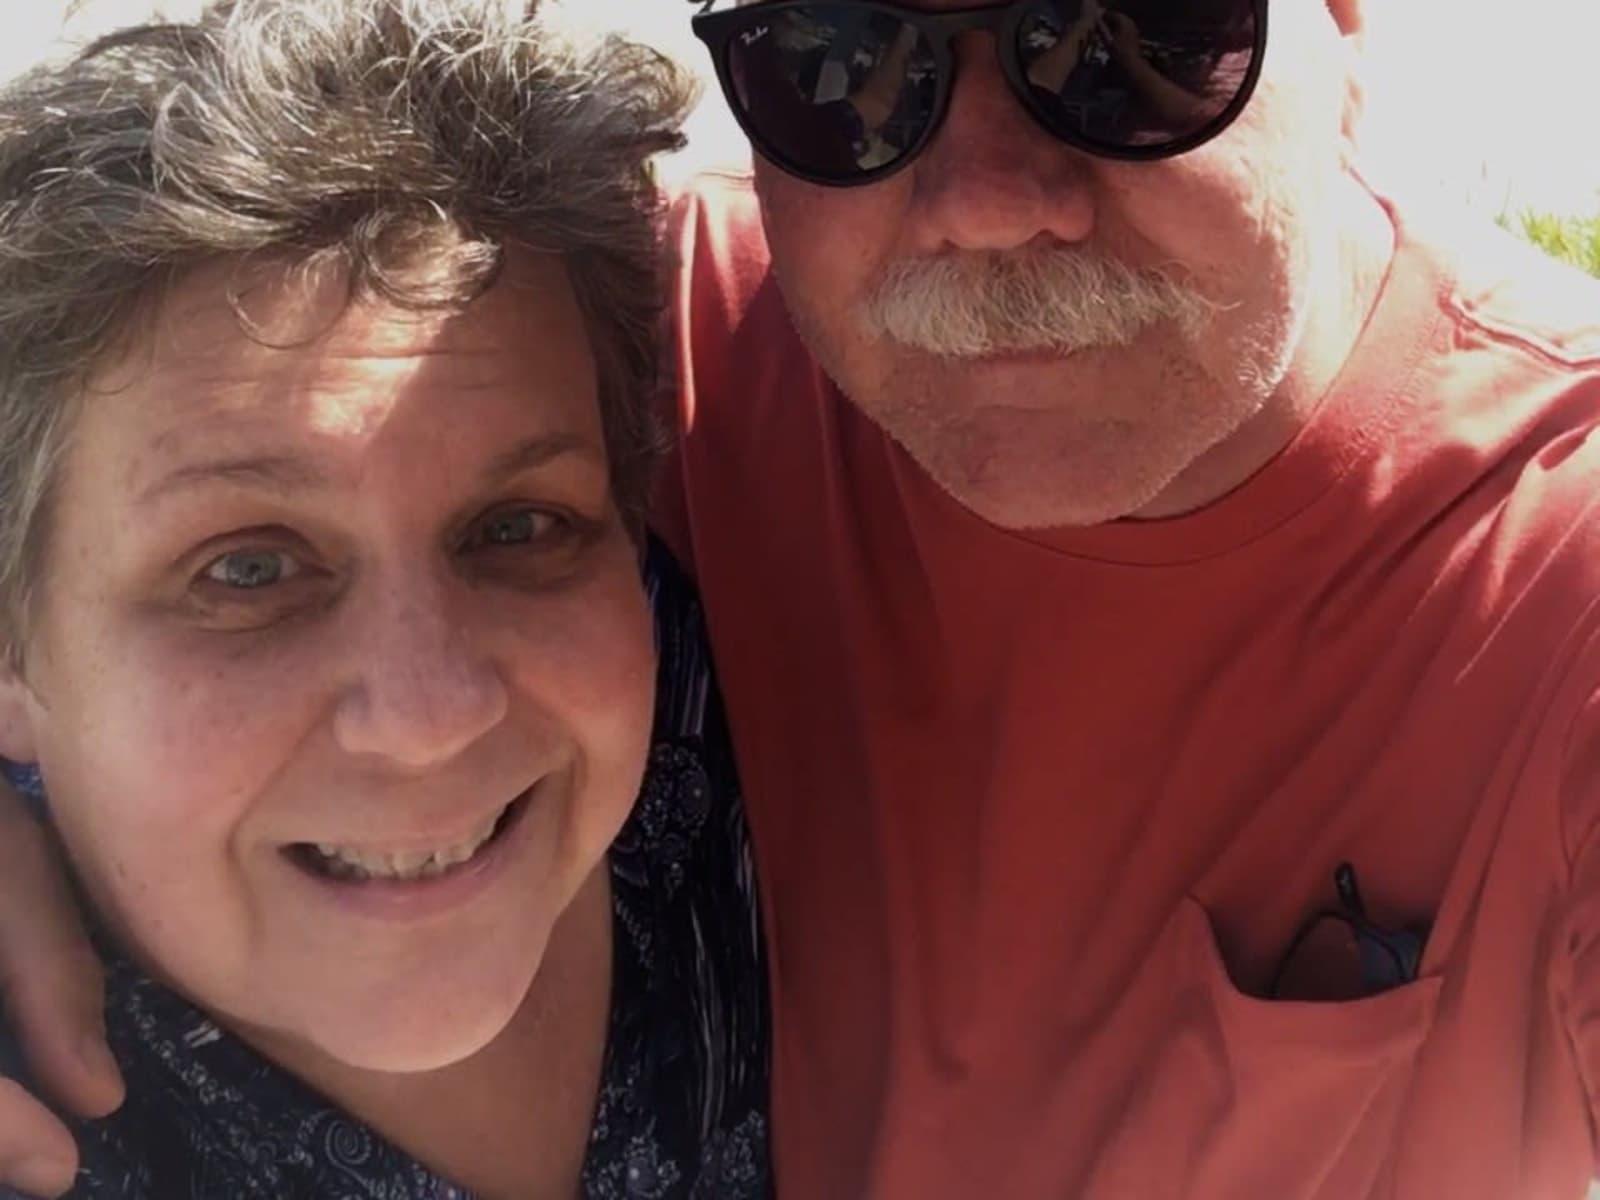 Eleaner & Jim from Washington, D.C., Washington, D.C., United States